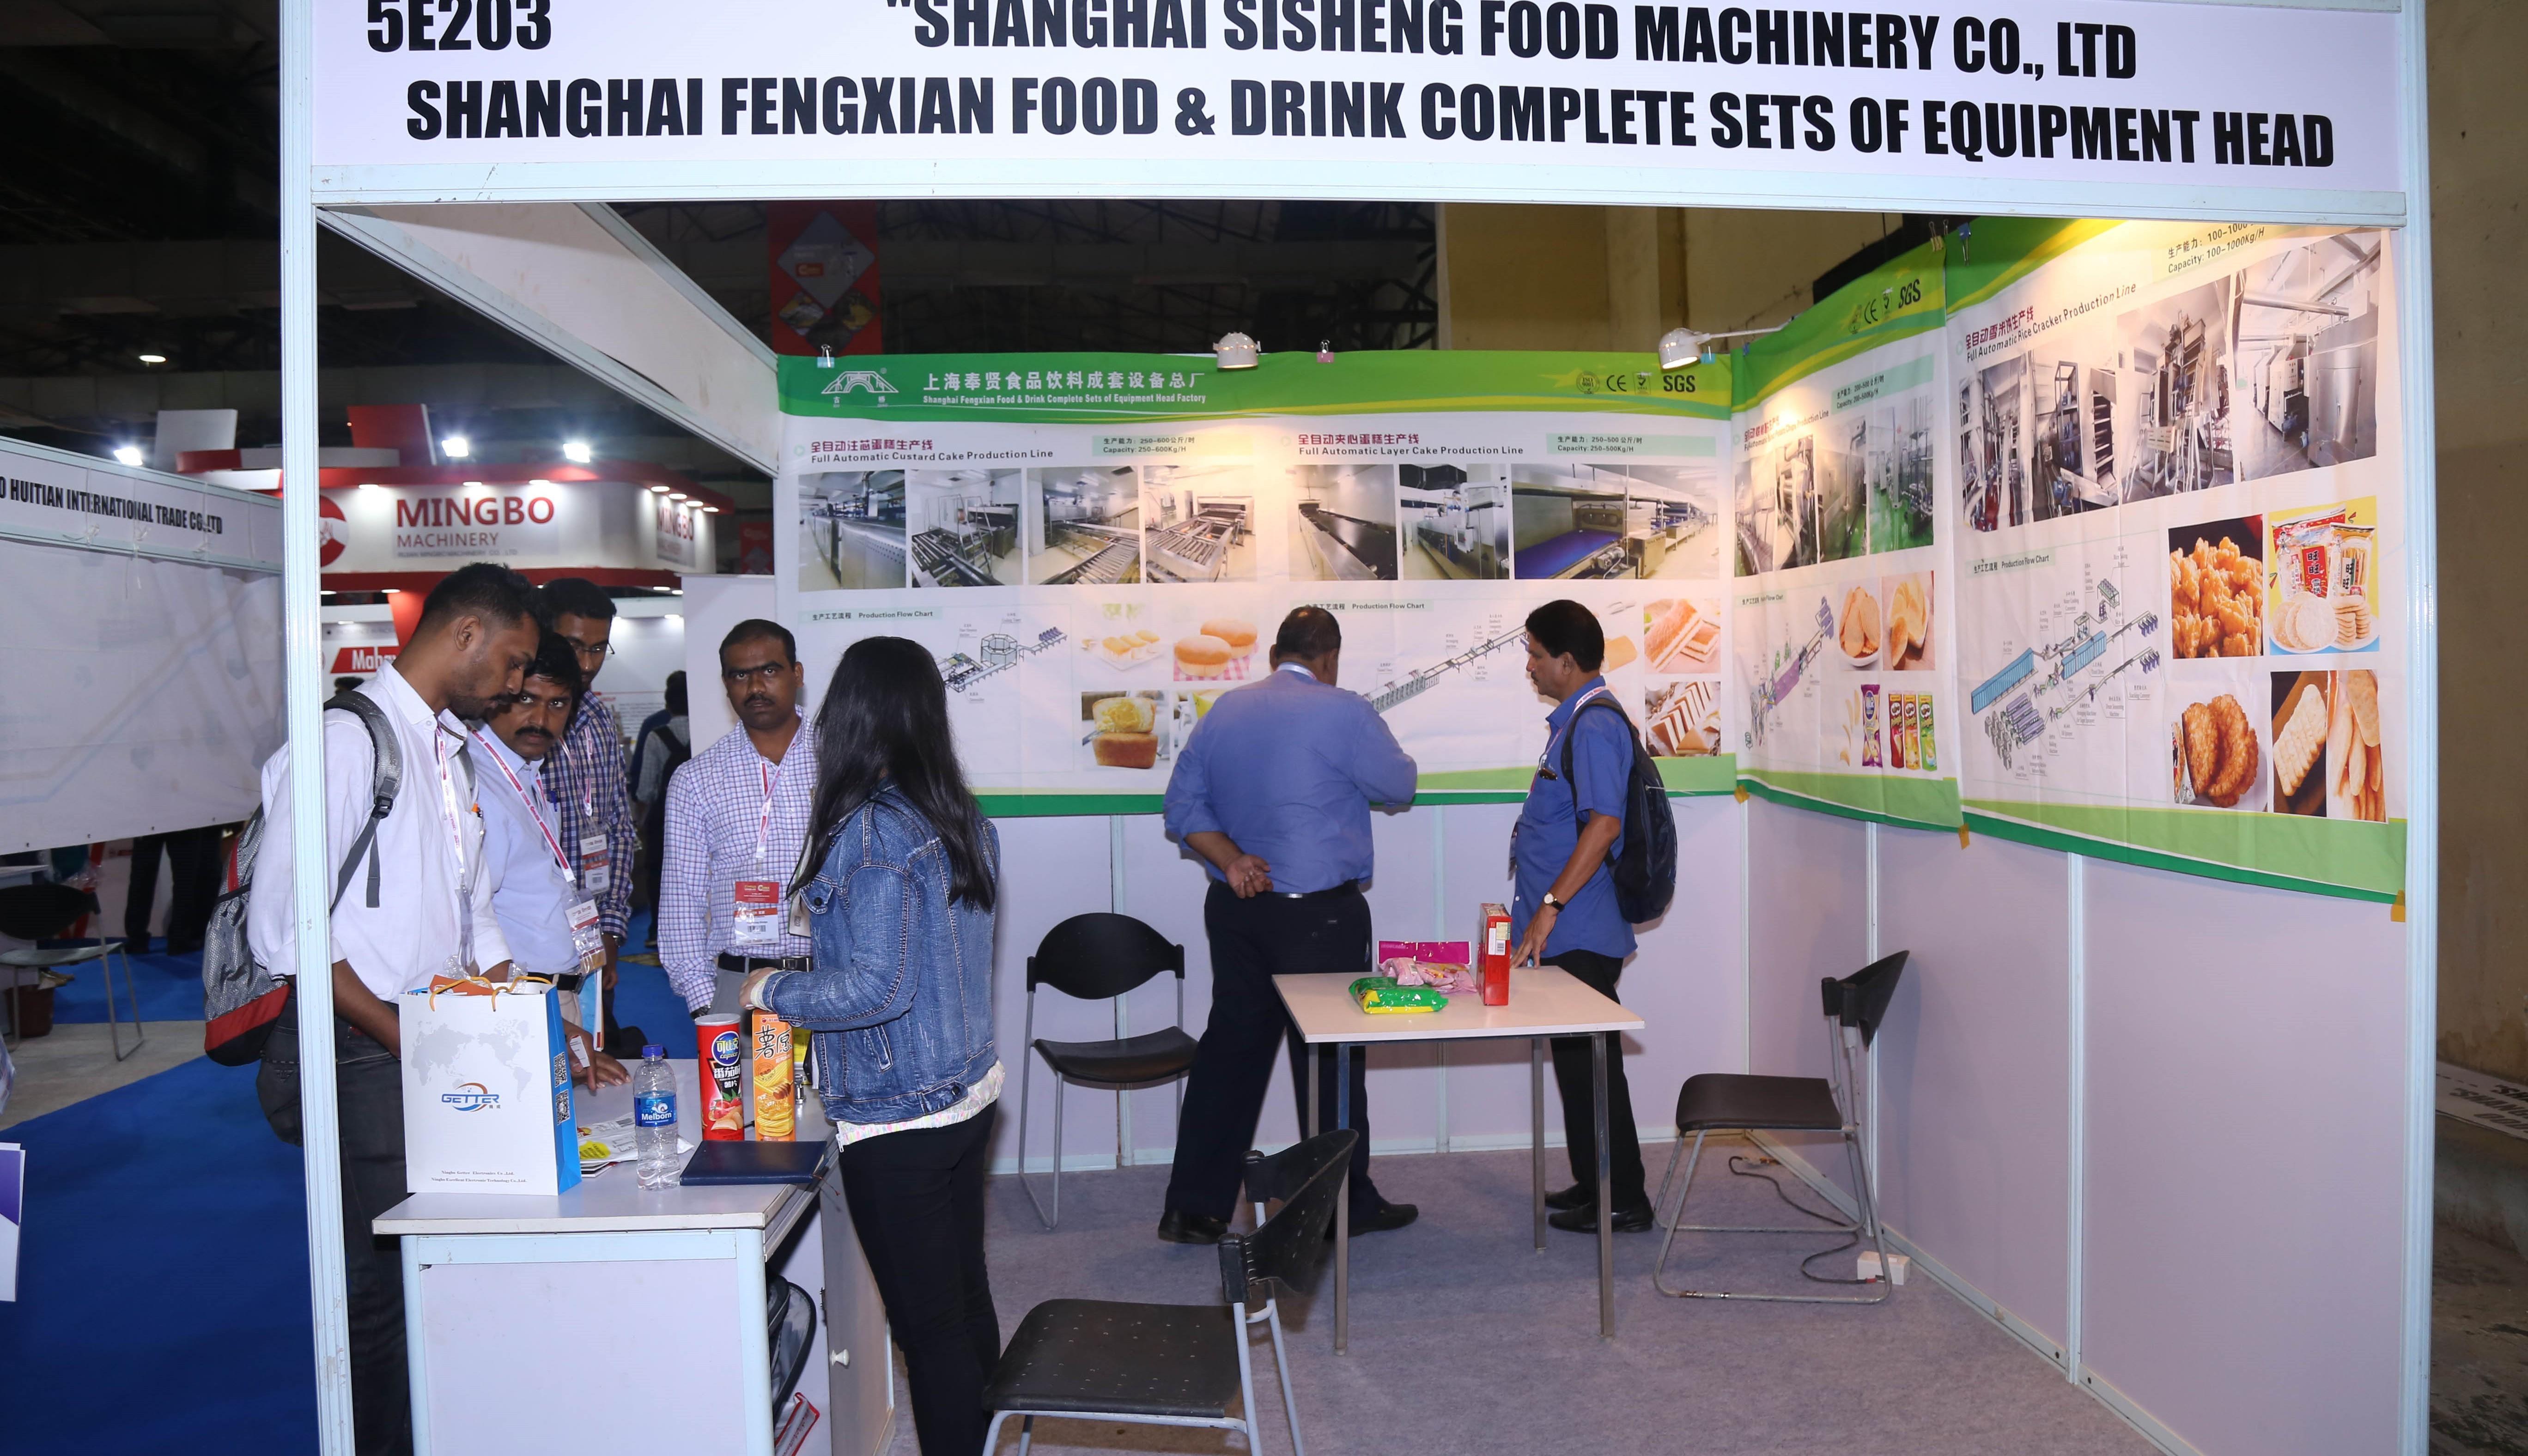 中国(印度)贸易博览会 暨食品及饮料展览会